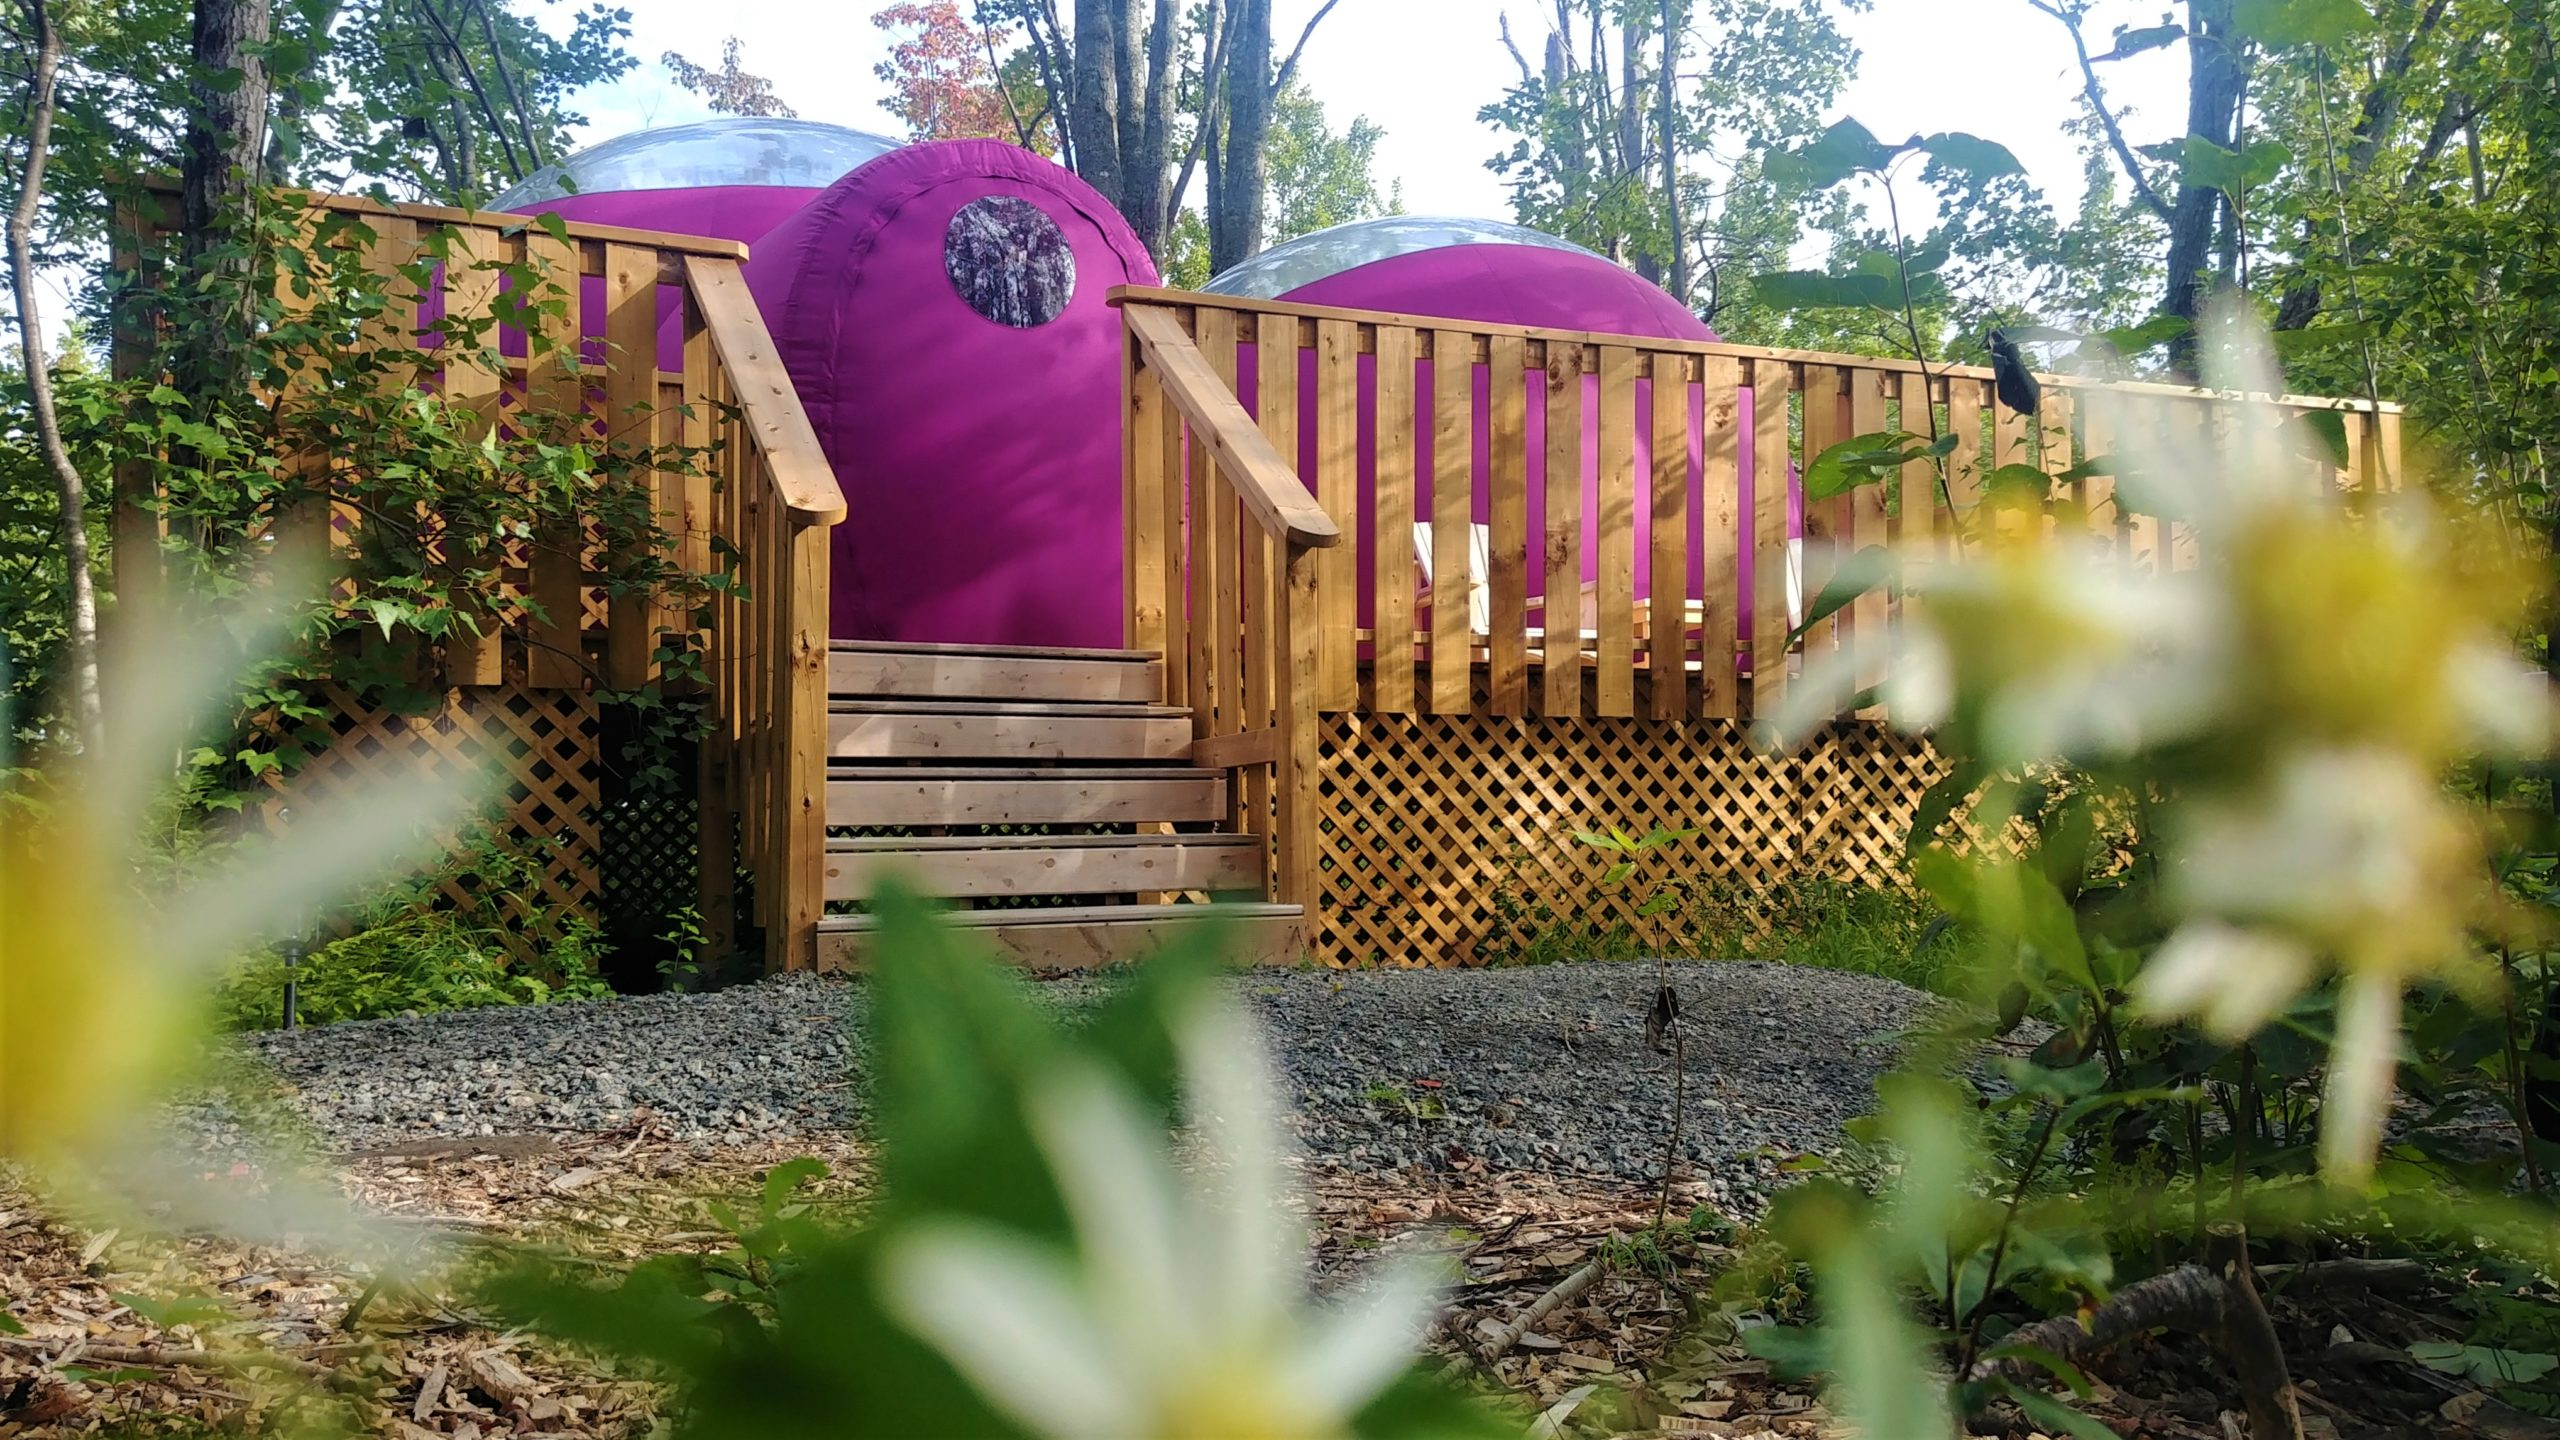 Maplebrook Farm Retreat Shediac hébergement insolite Nouveau-Brunswick glamping